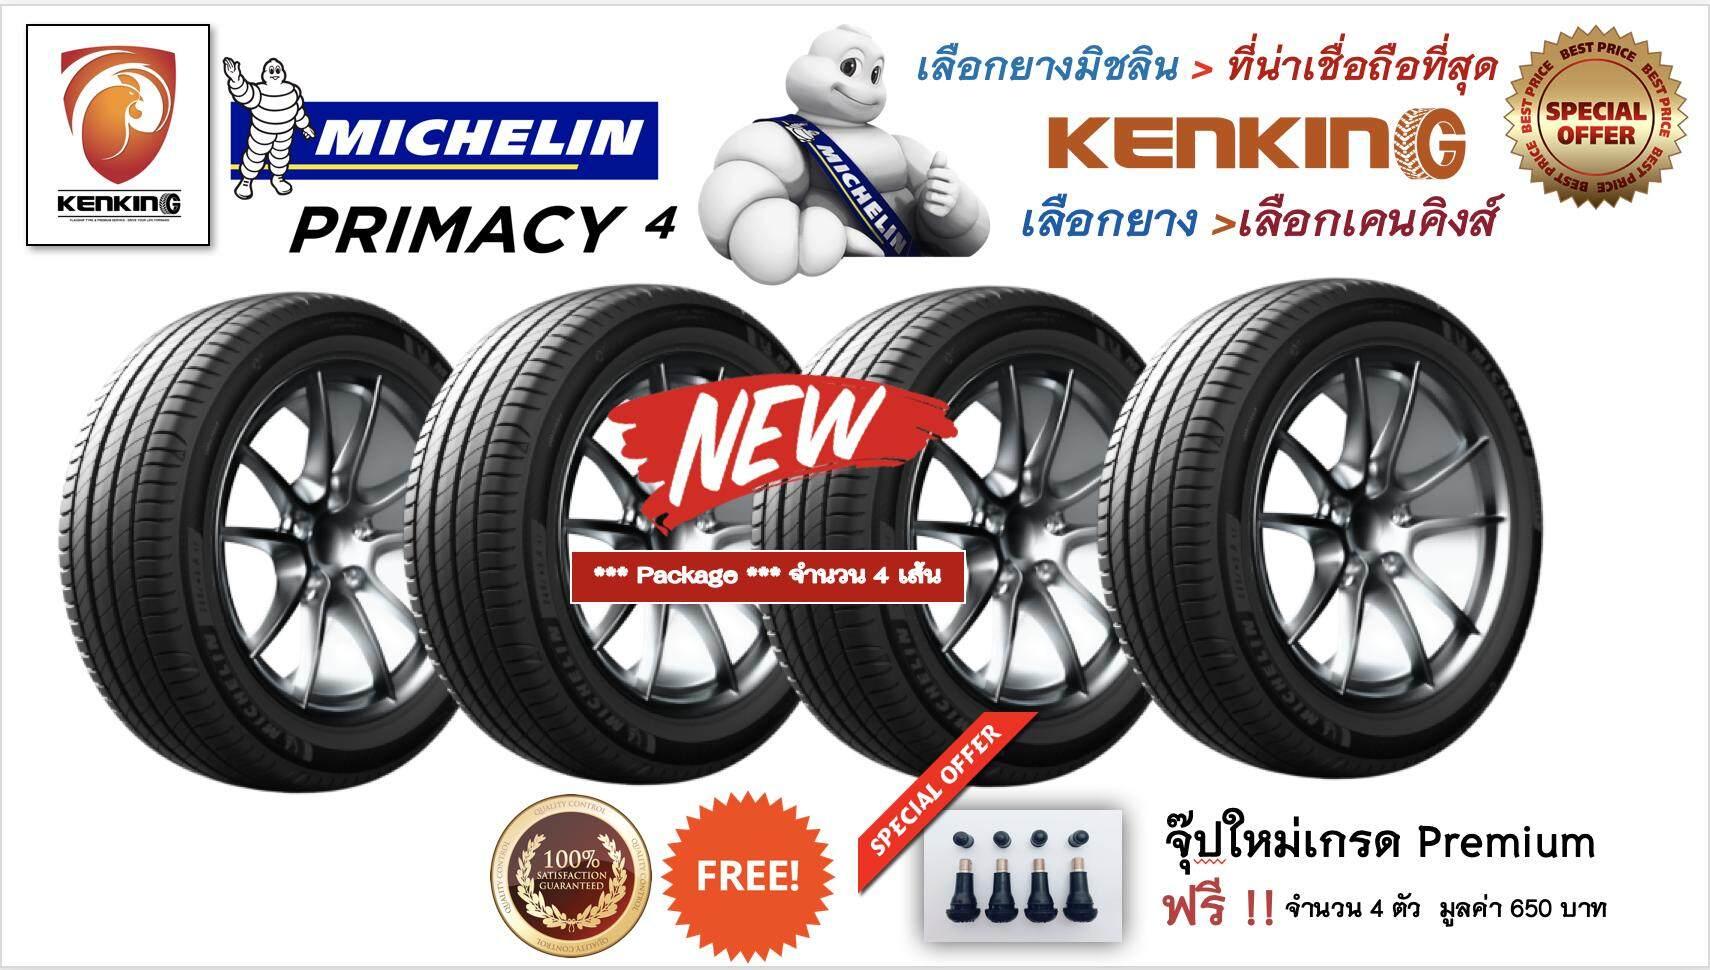 ประกันภัย รถยนต์ 2+ สงขลา ยางรถยนต์ Michelin NEW!! ปี 2019 215/45 R17 Primacy 4 จำนวน 4 เส้น  ฟรี!! จุ๊ป Premium 650 บาท